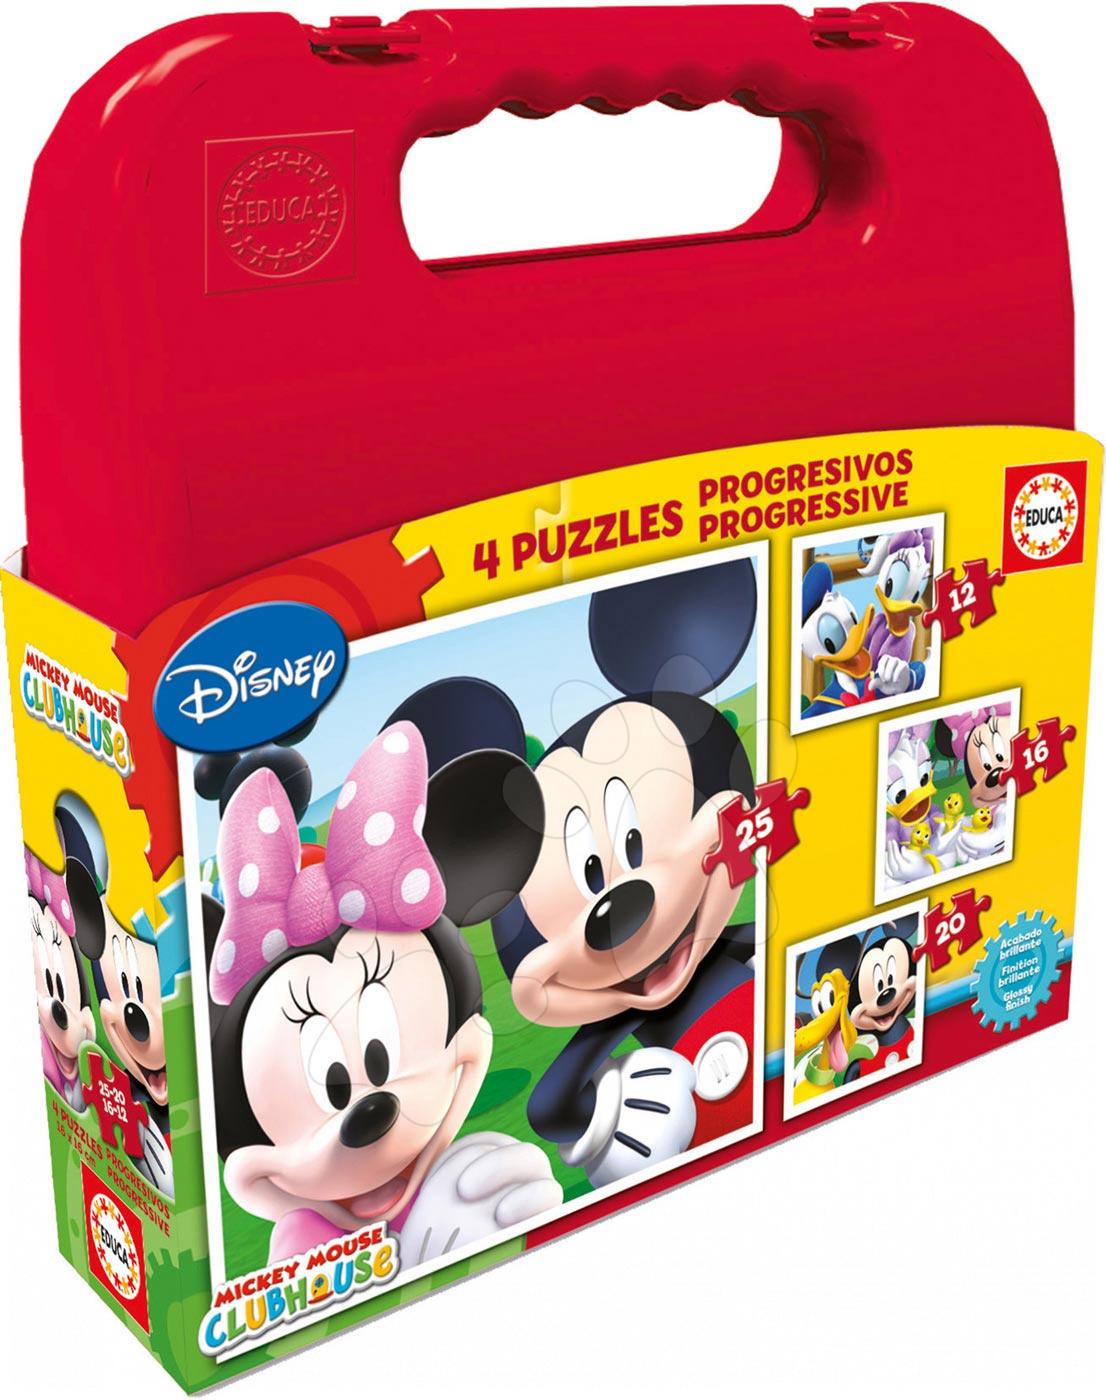 Progresívne detské puzzle - Puzzle Mickey Mouse v kufríku Educa 25-20-16-12 dielov, progresívne od 24 mes